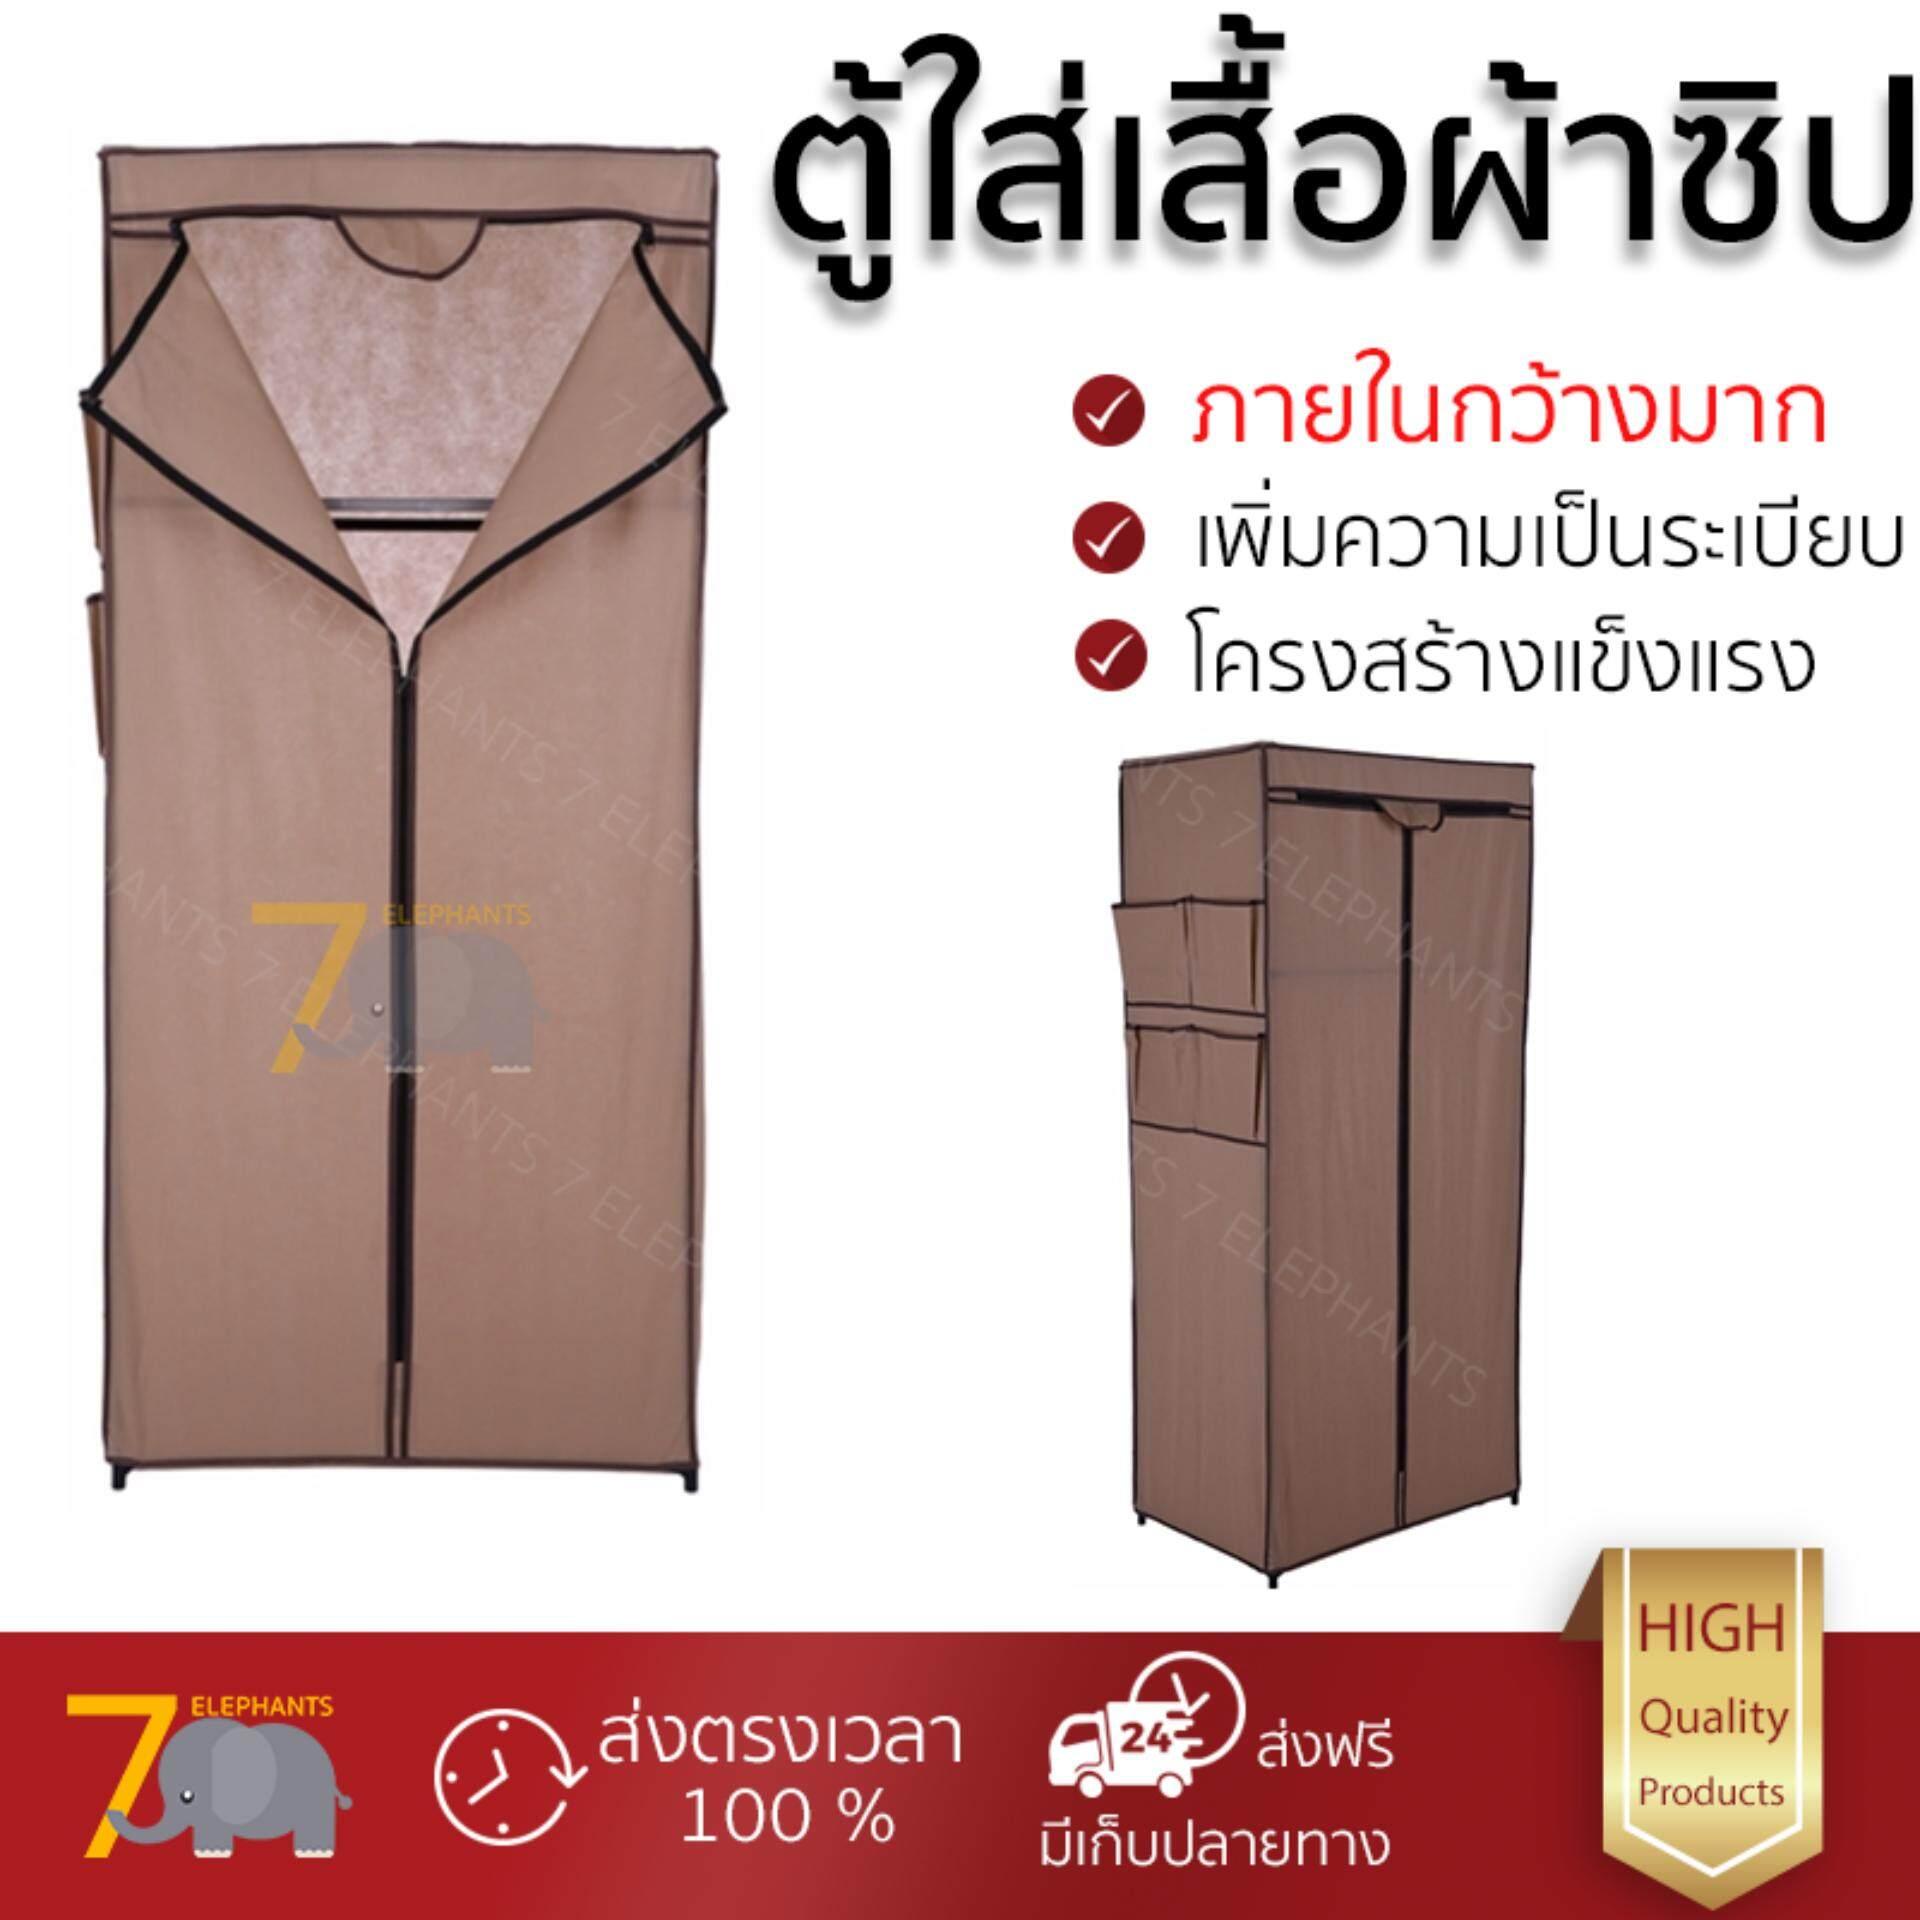 ตู้เสื้อผ้า ตู้ใส่เสื้อผ้า ตู้เสื้อผ้าซิป WARDROBE 70x46x154cm NP10 | LIGHT HOUSE | NP10 พับเก็บได้ ช่องเก็บกว้าง แข็งแรง บรรจุได้เยอะ  Wardrobes จัดส่งฟรี Kerry ทั่วประเทศ